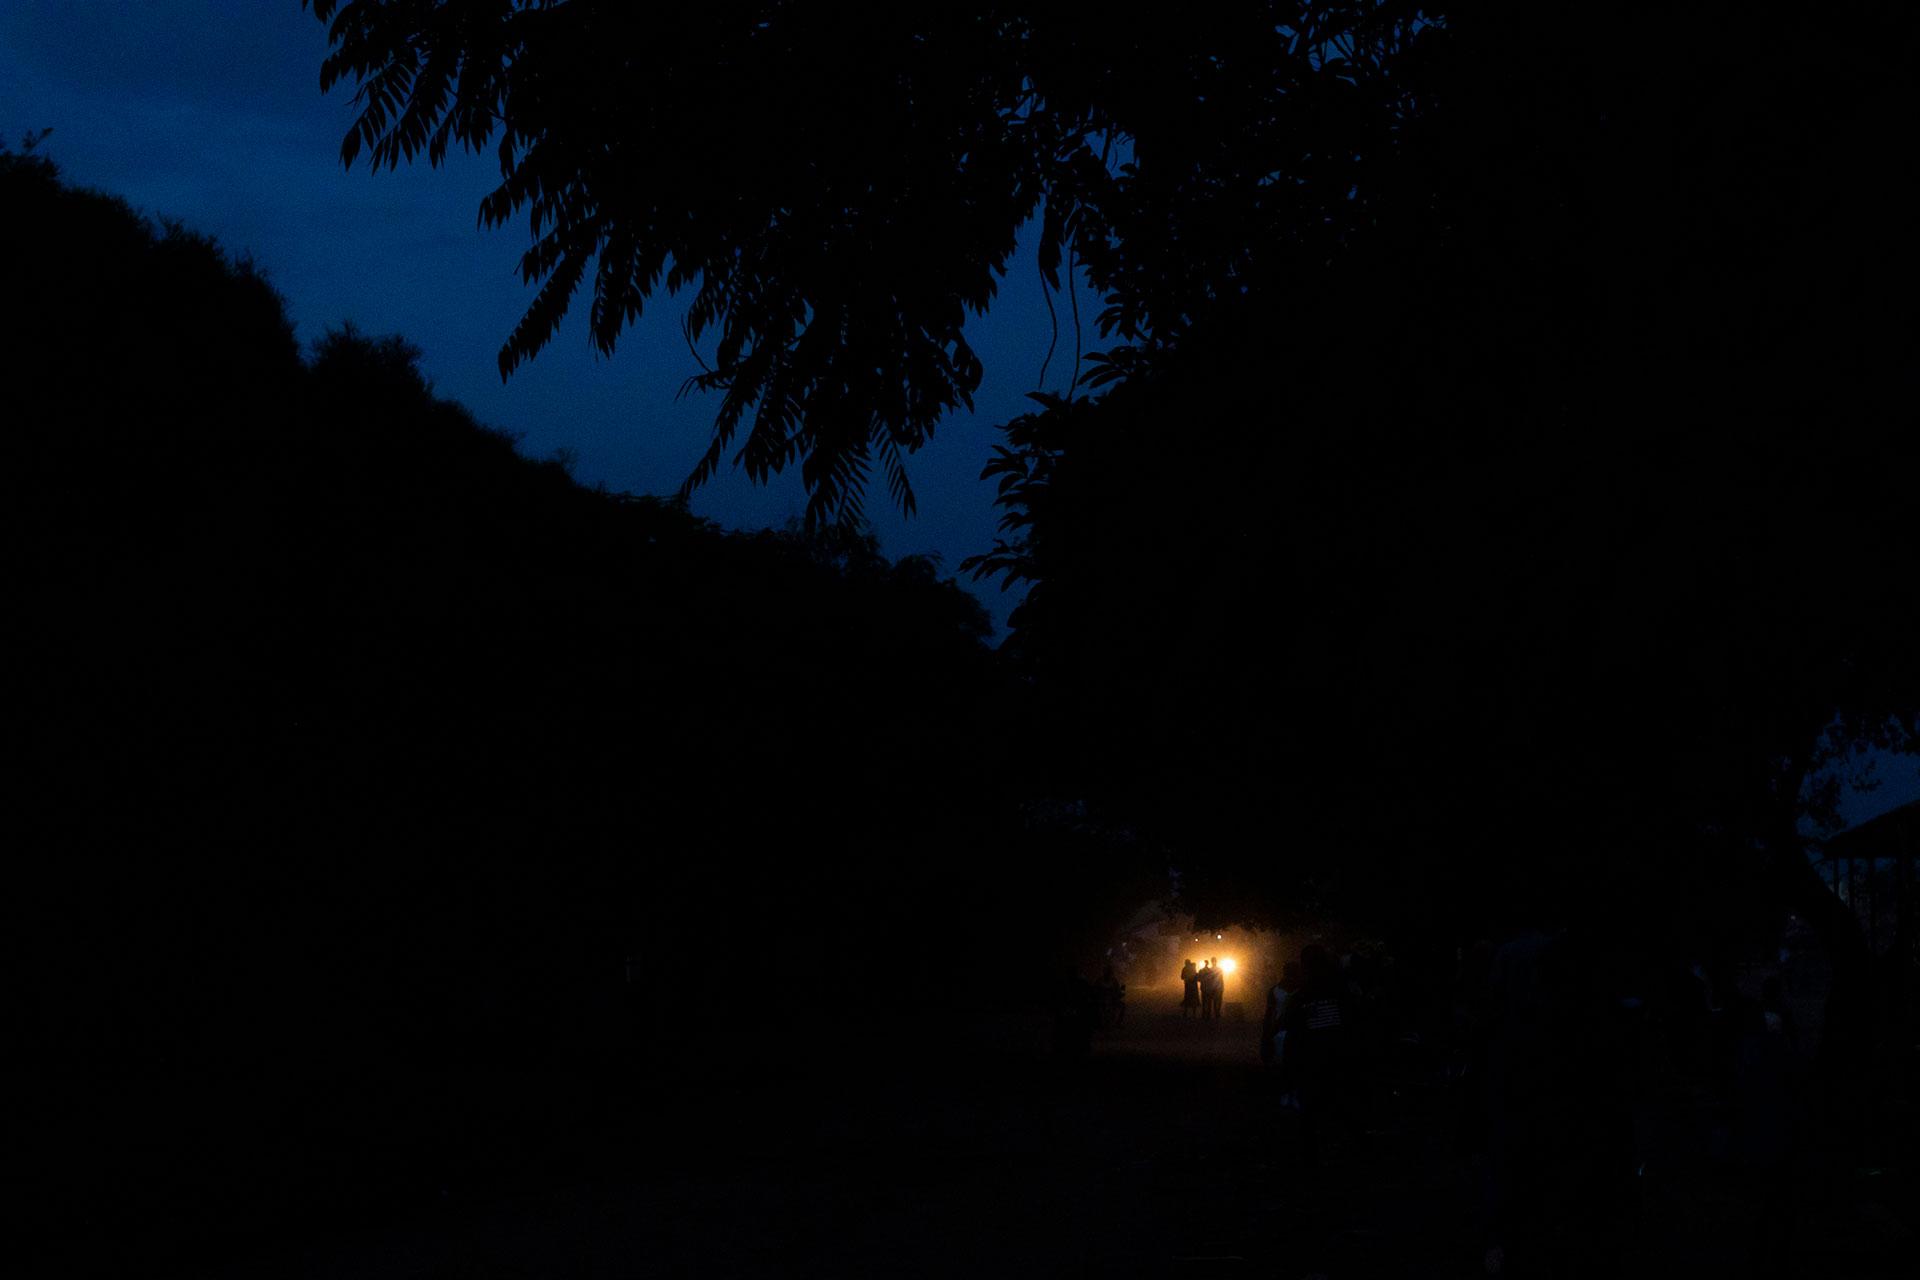 Valo pimeydessä